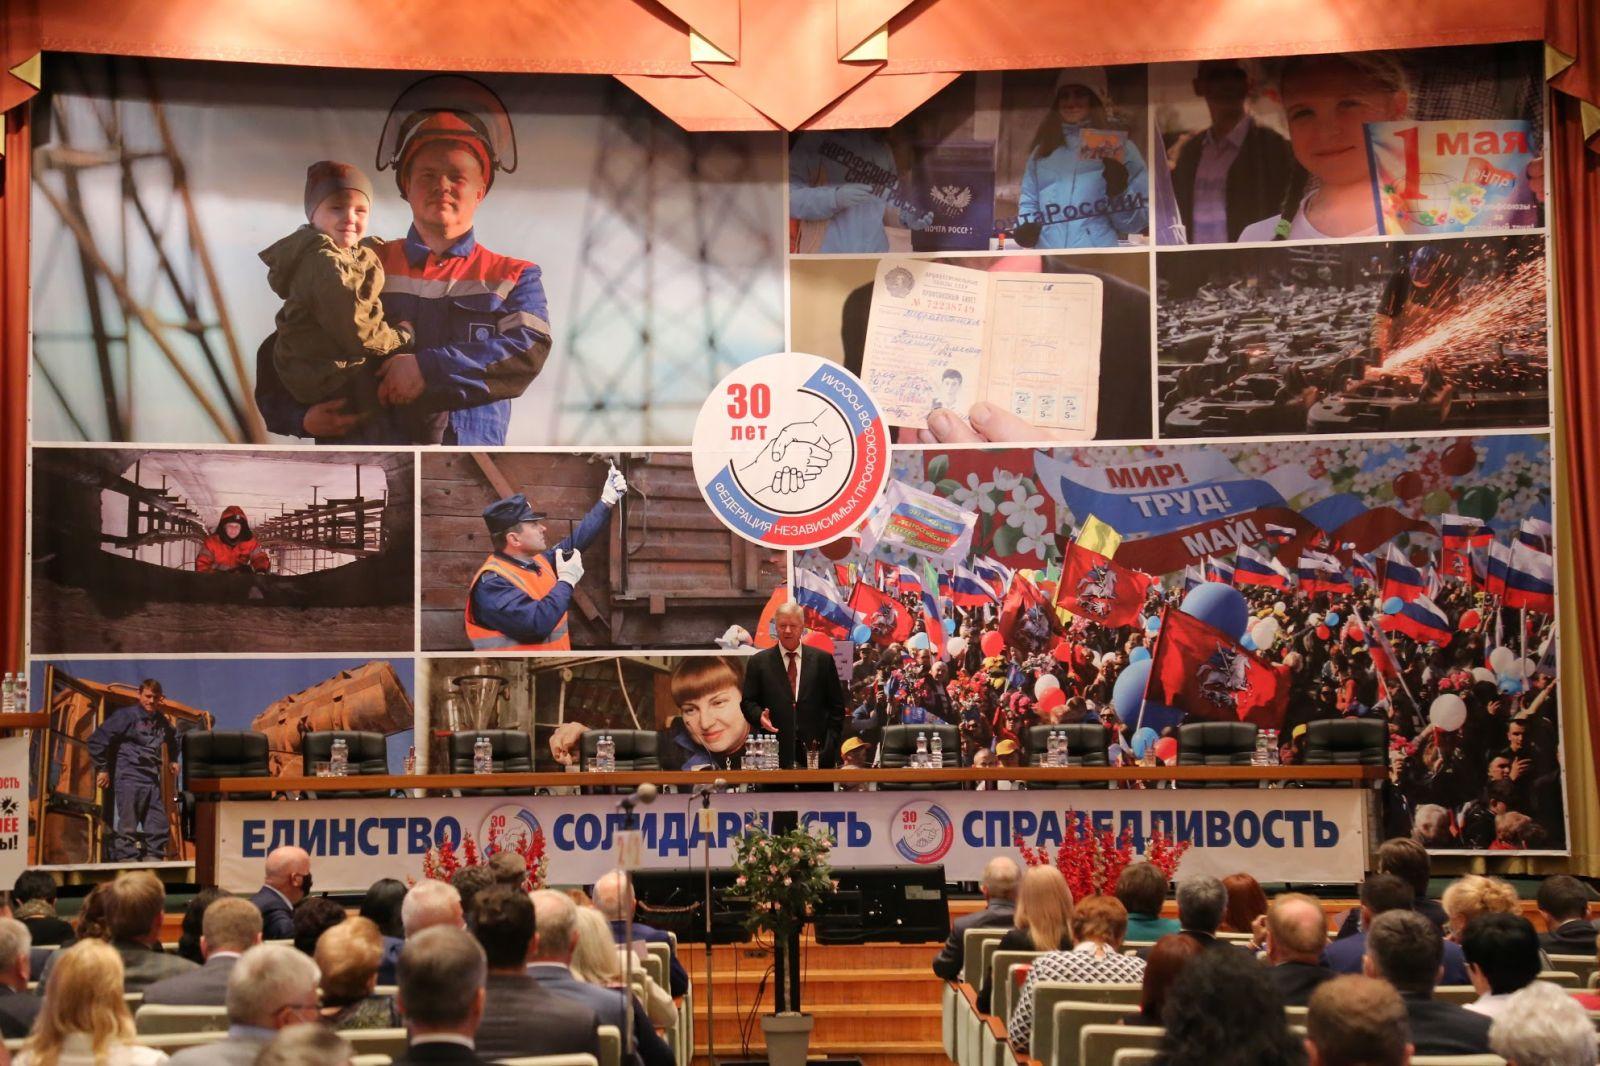 П.А. Рожков в г. Москве принял участие в заседании Генерального Совета Федерации Независимых Профсоюзов России